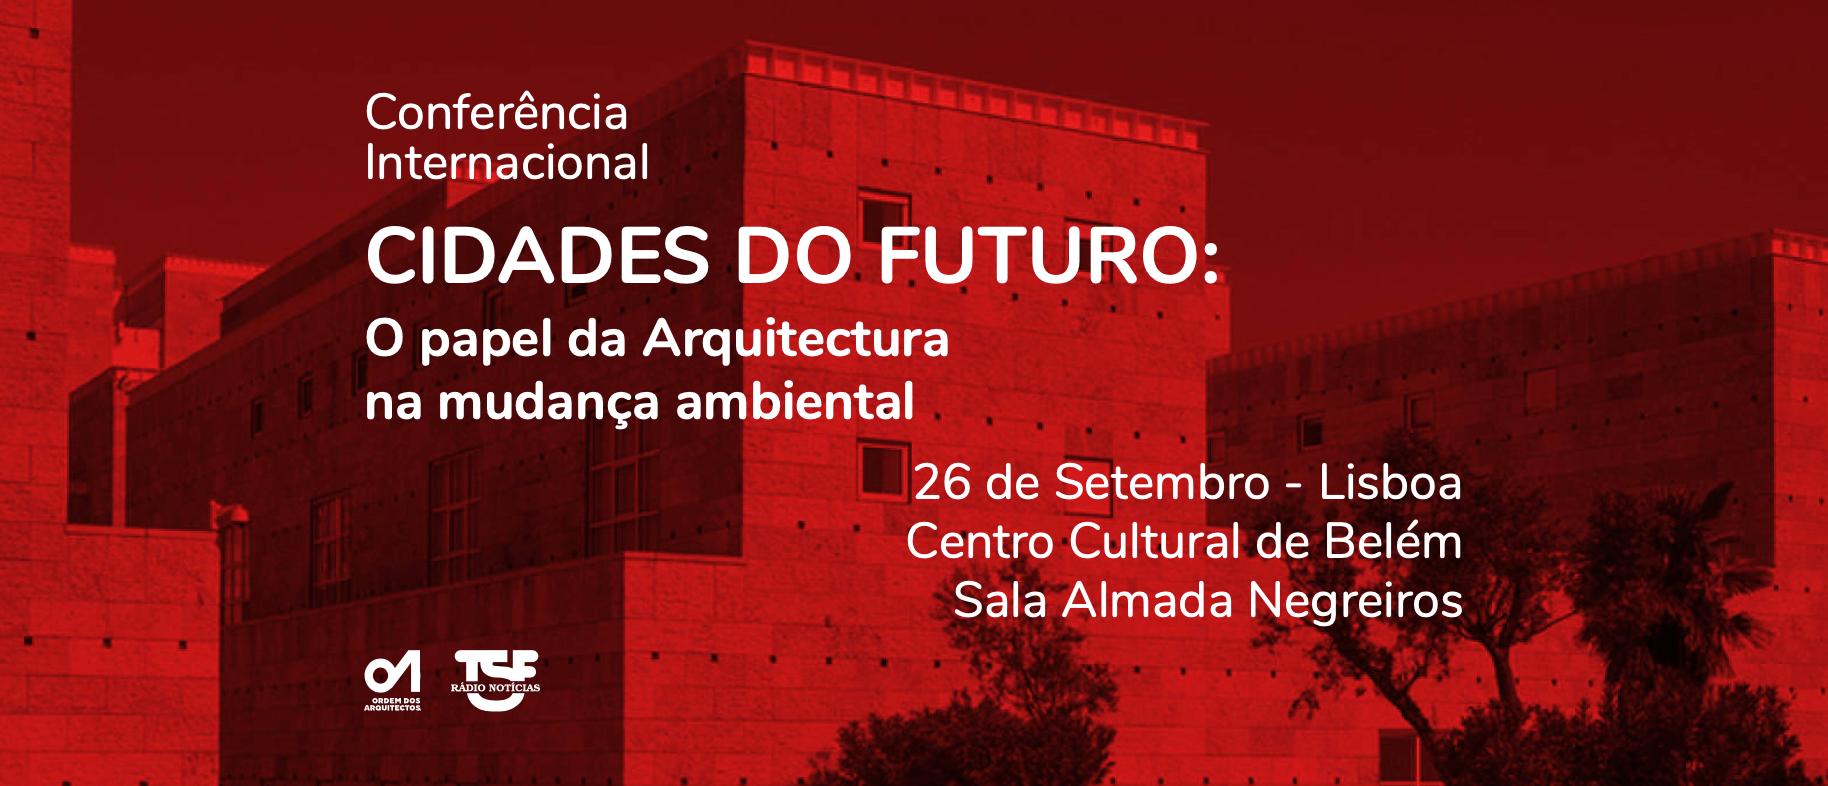 CIDADES DO FUTURO: O papel da Arquitectura na mudança ambiental